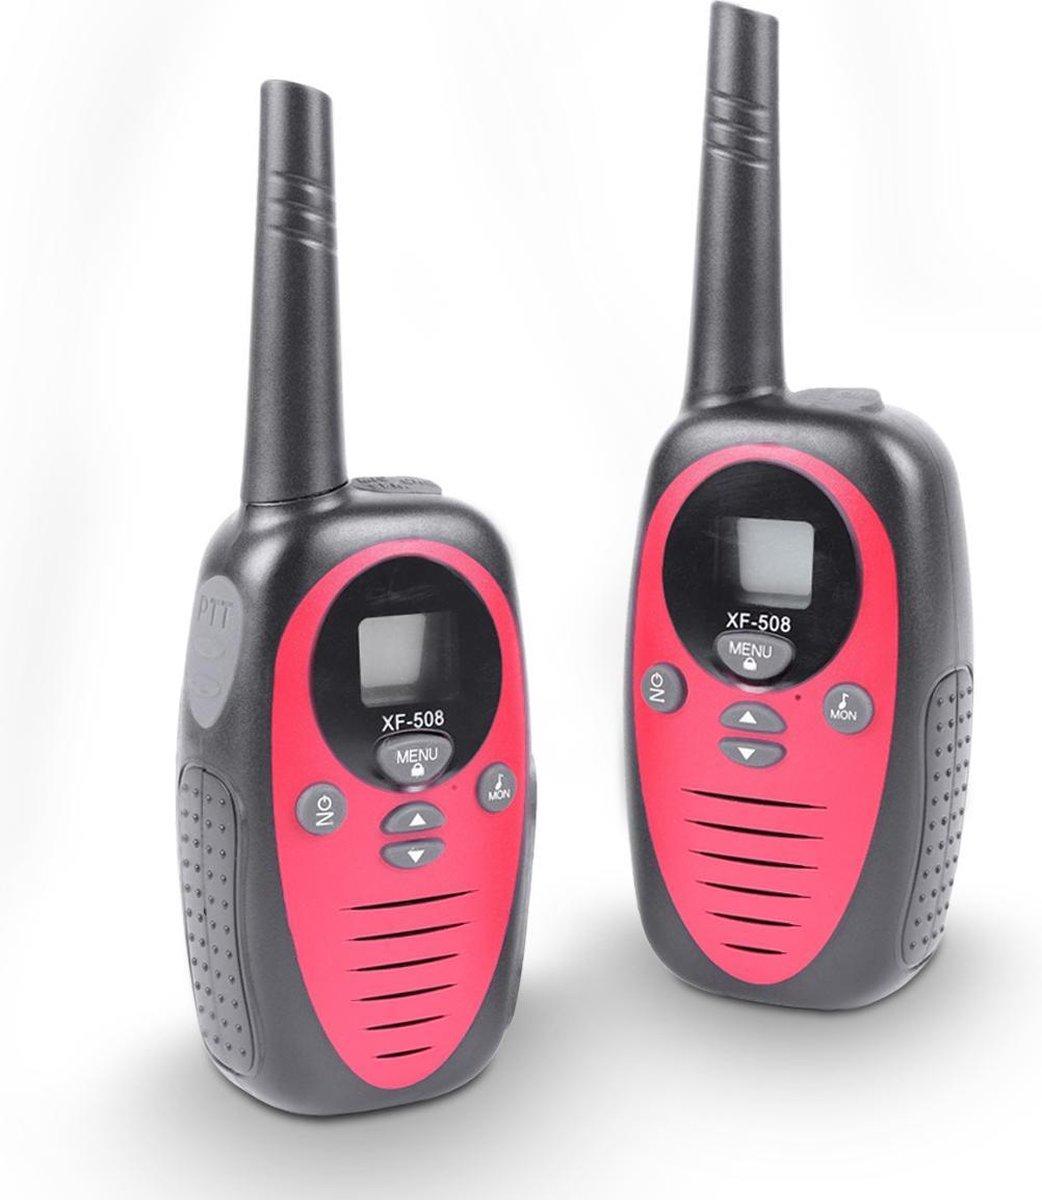 Cammy Talkie - Walkie Talkie voor Kinderen - 2 stuks - 3 km bereik - Verschillende kleuren - Rood - Inclusief batterijen